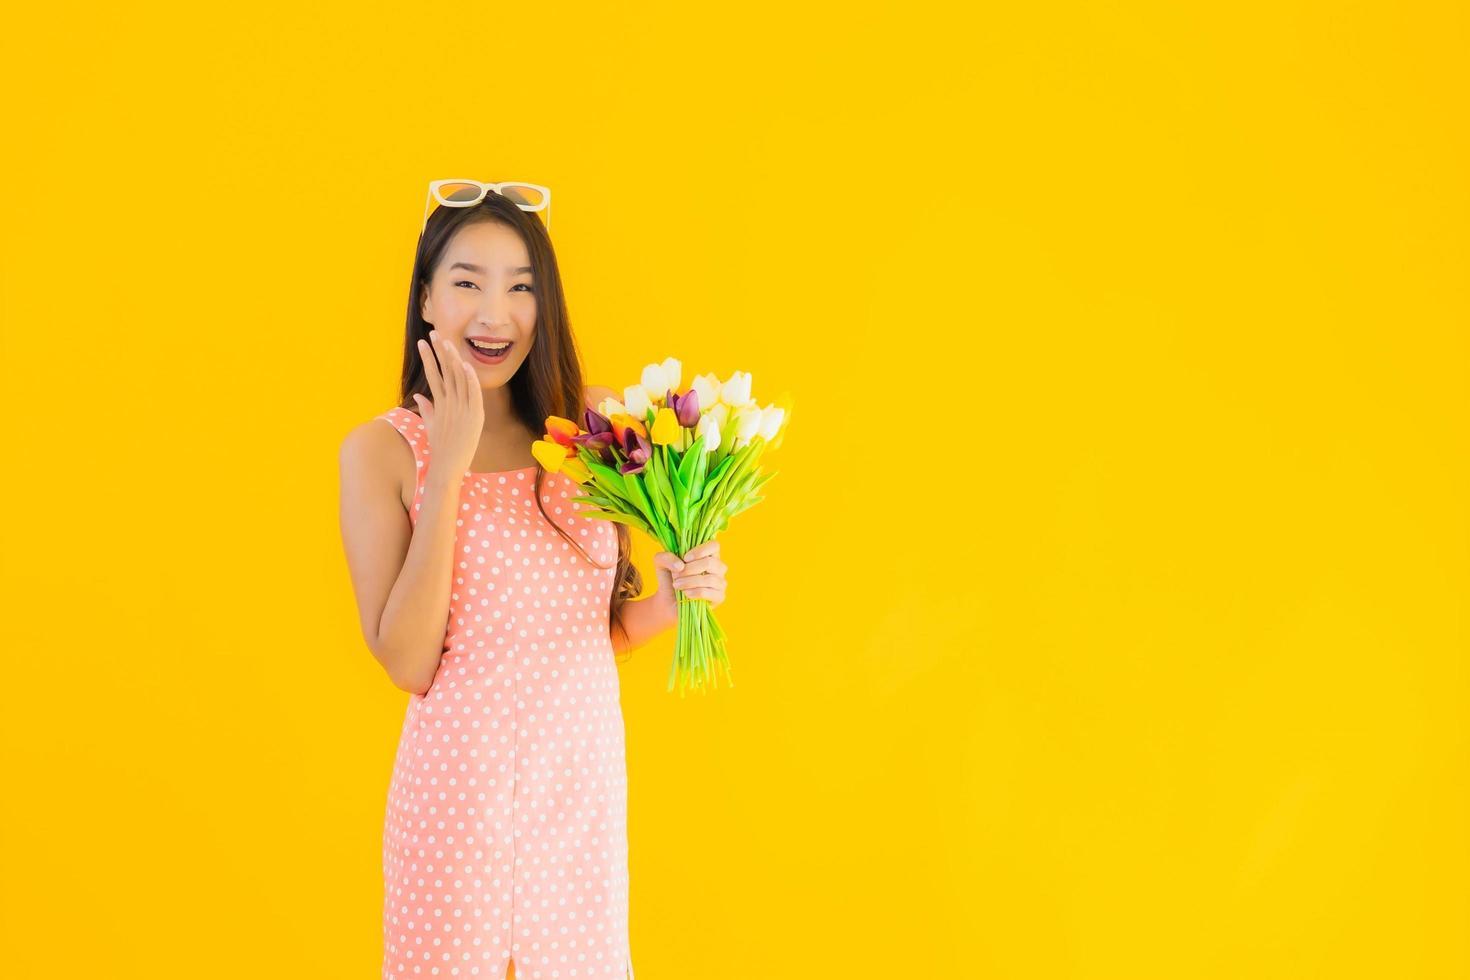 vrouw met boeket bloemen foto